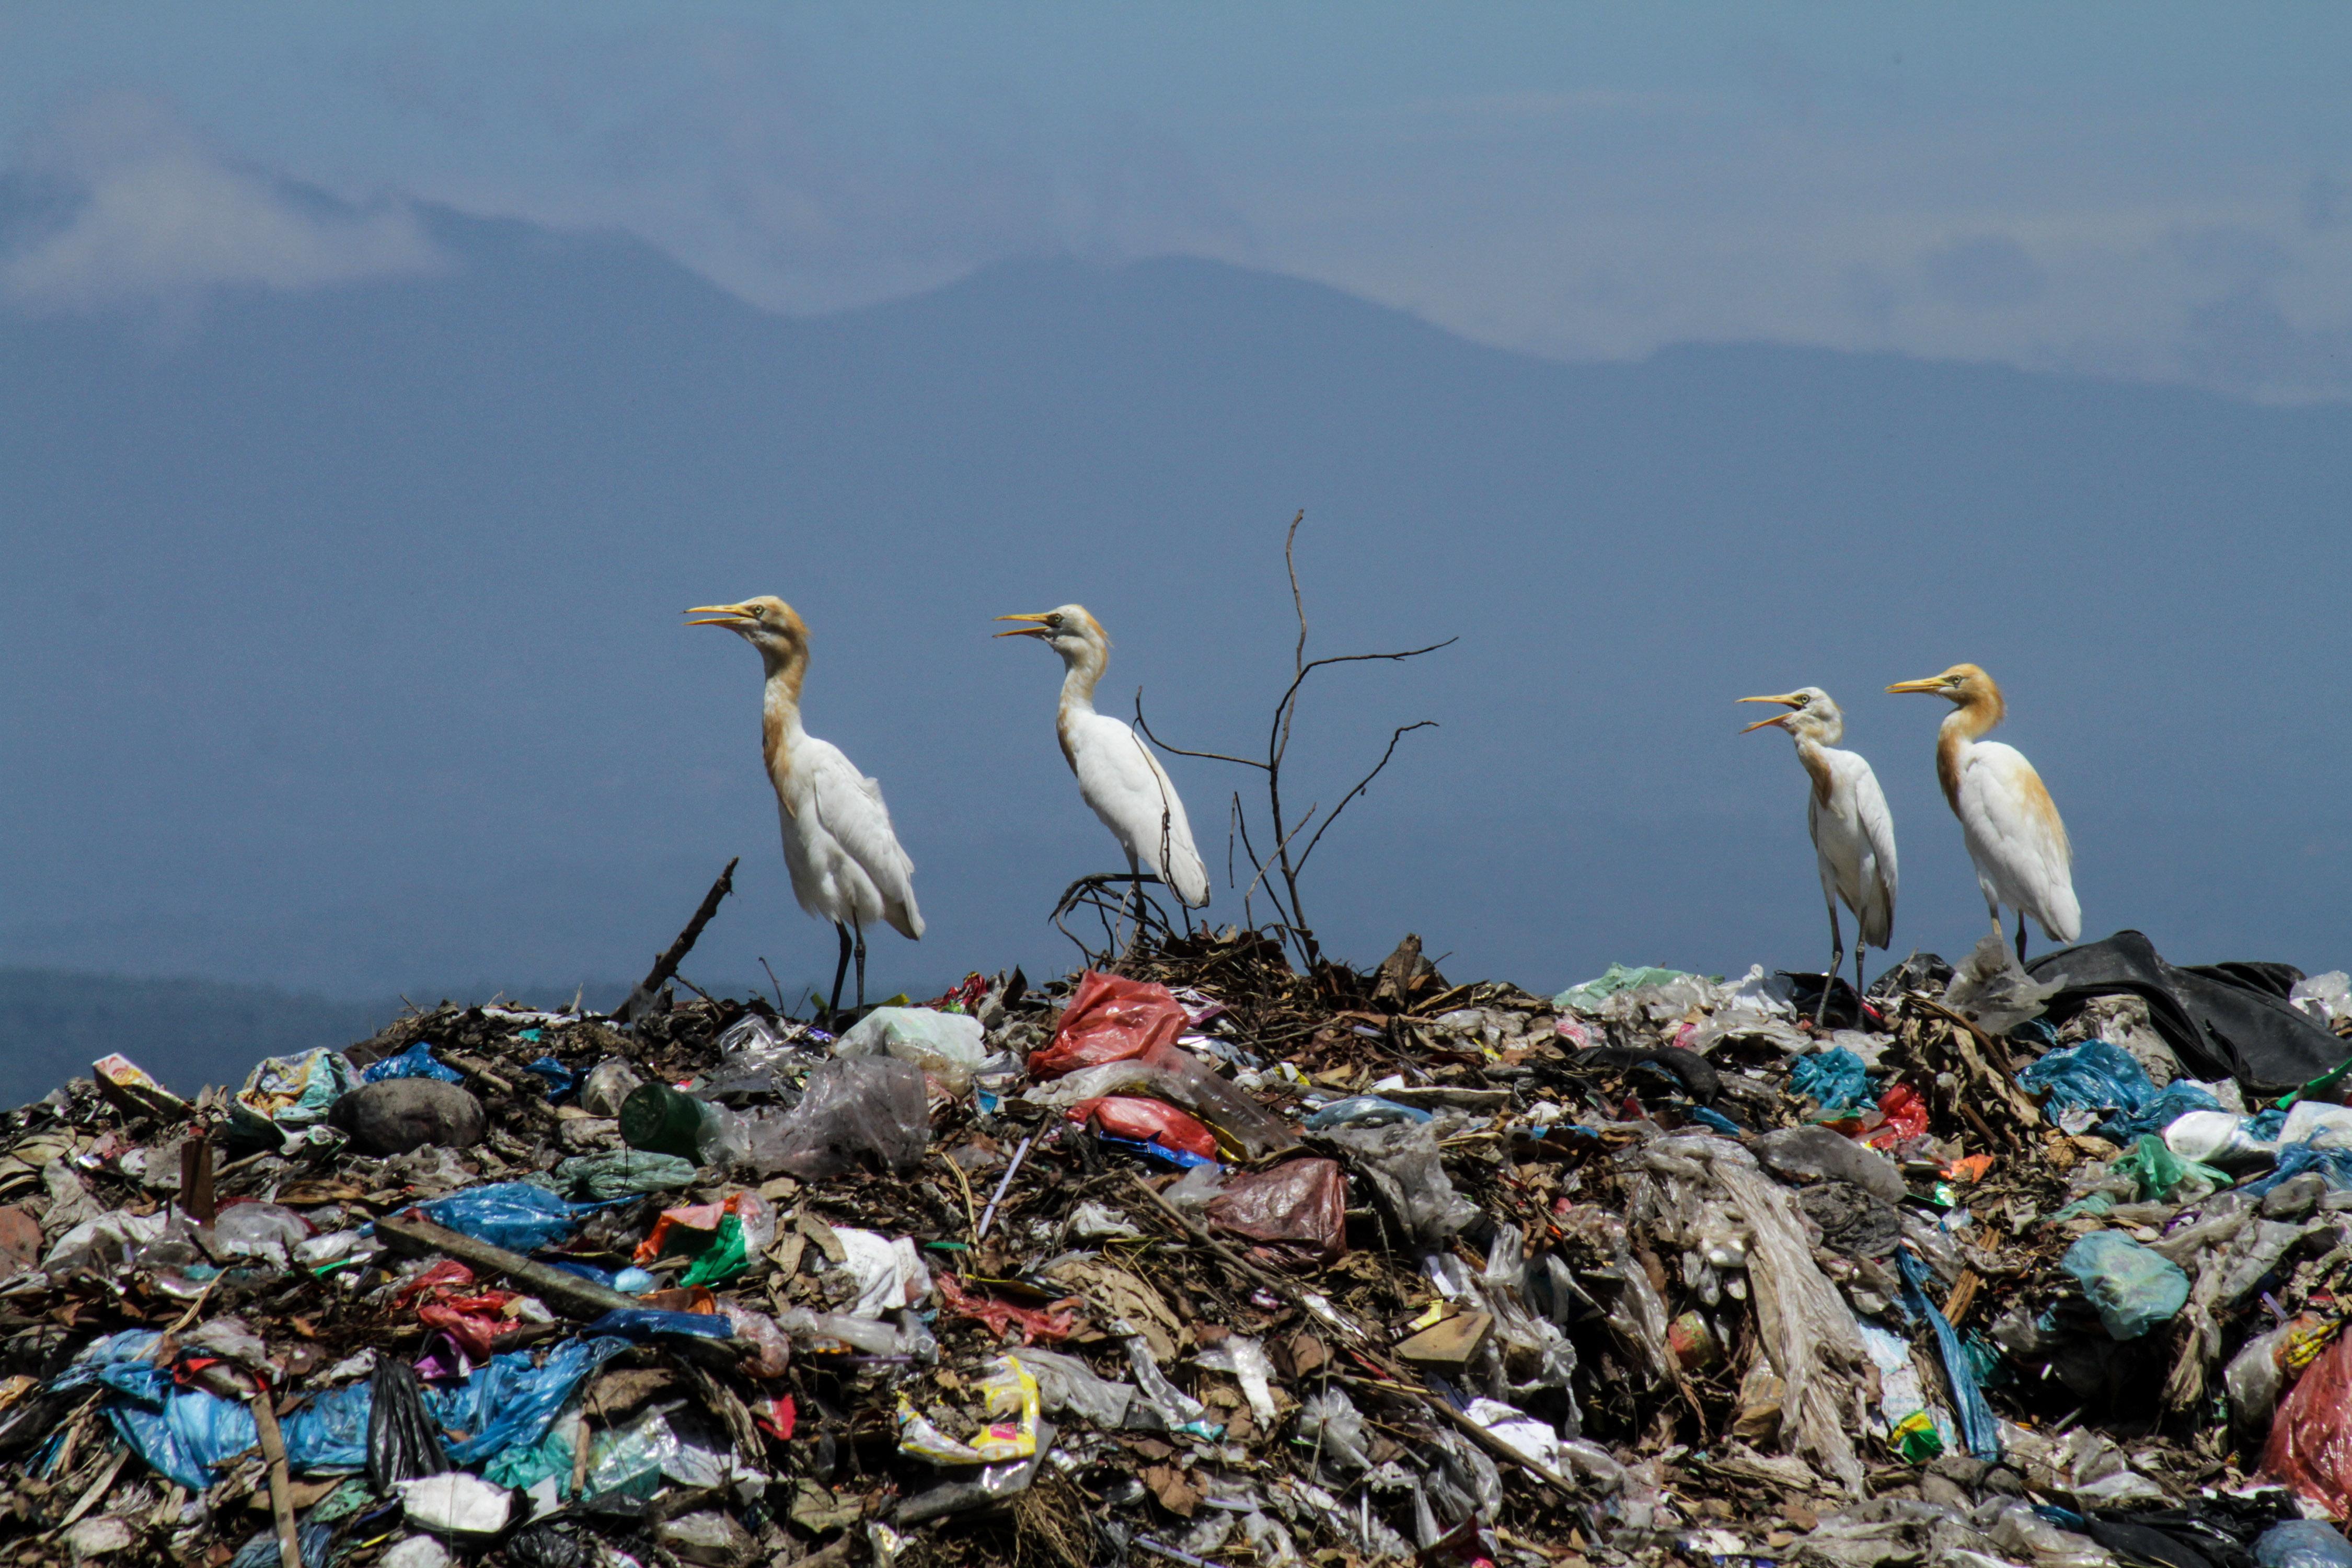 A San Franciscó-i reptéren betiltják a műanyagpalackos vizet